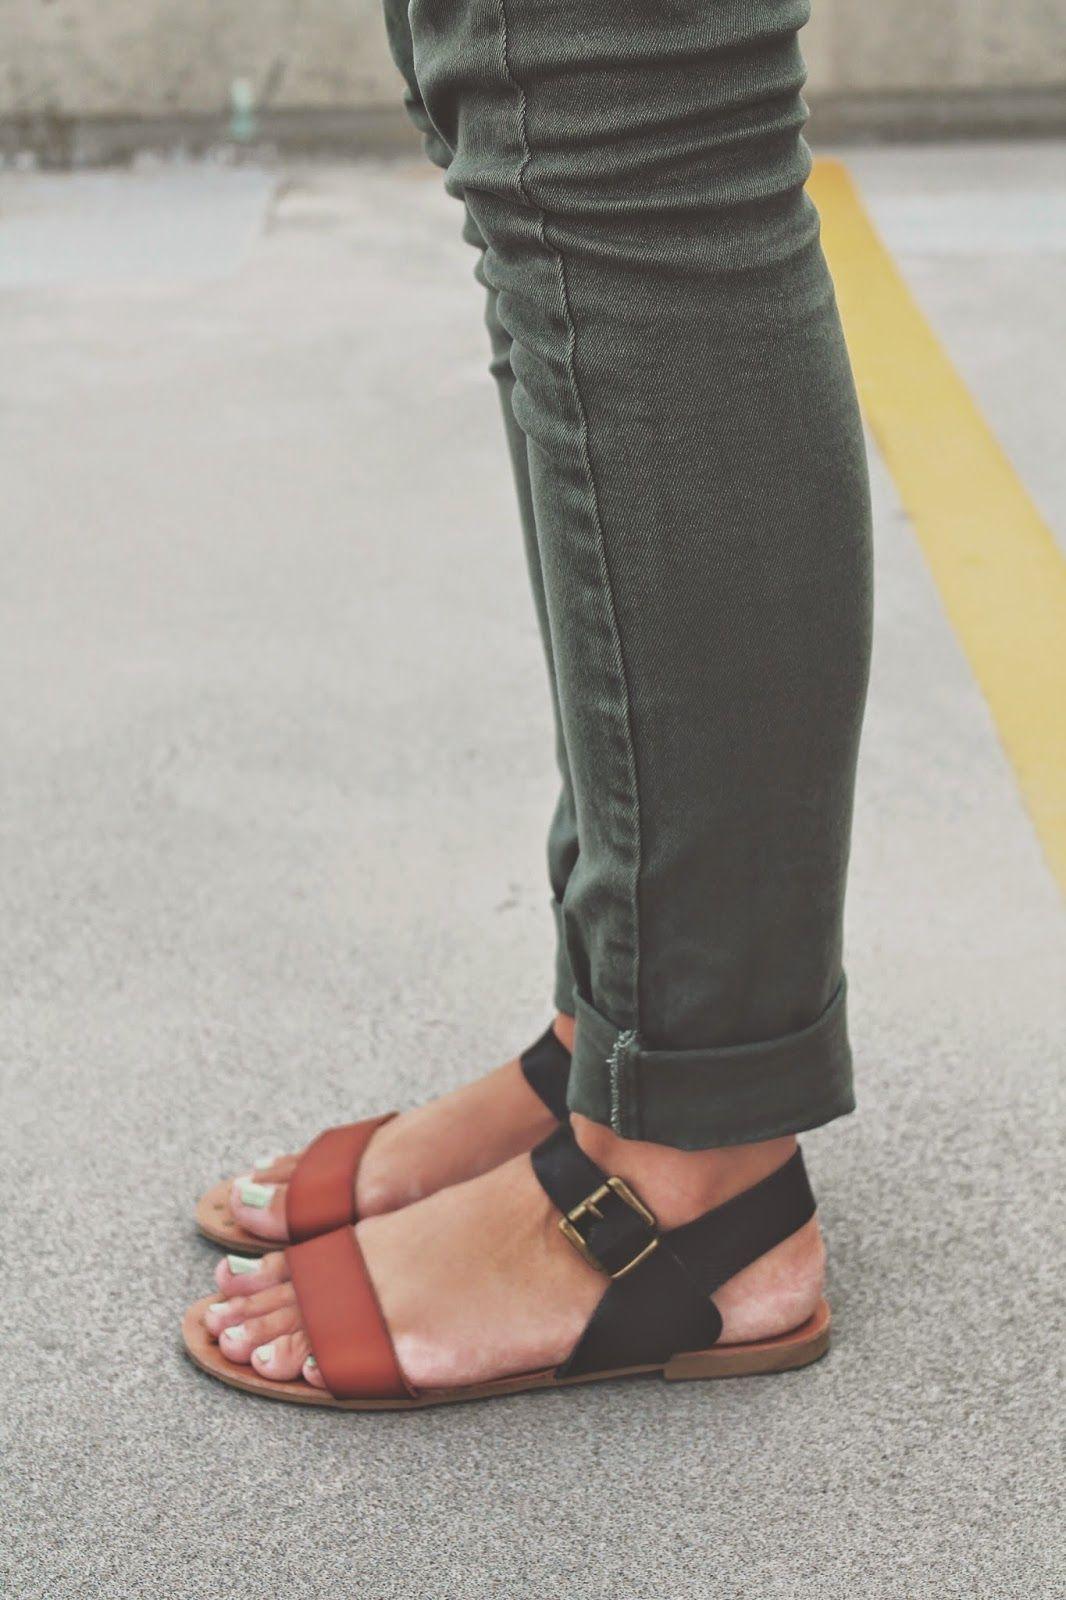 Black nice sandals - Sandals More